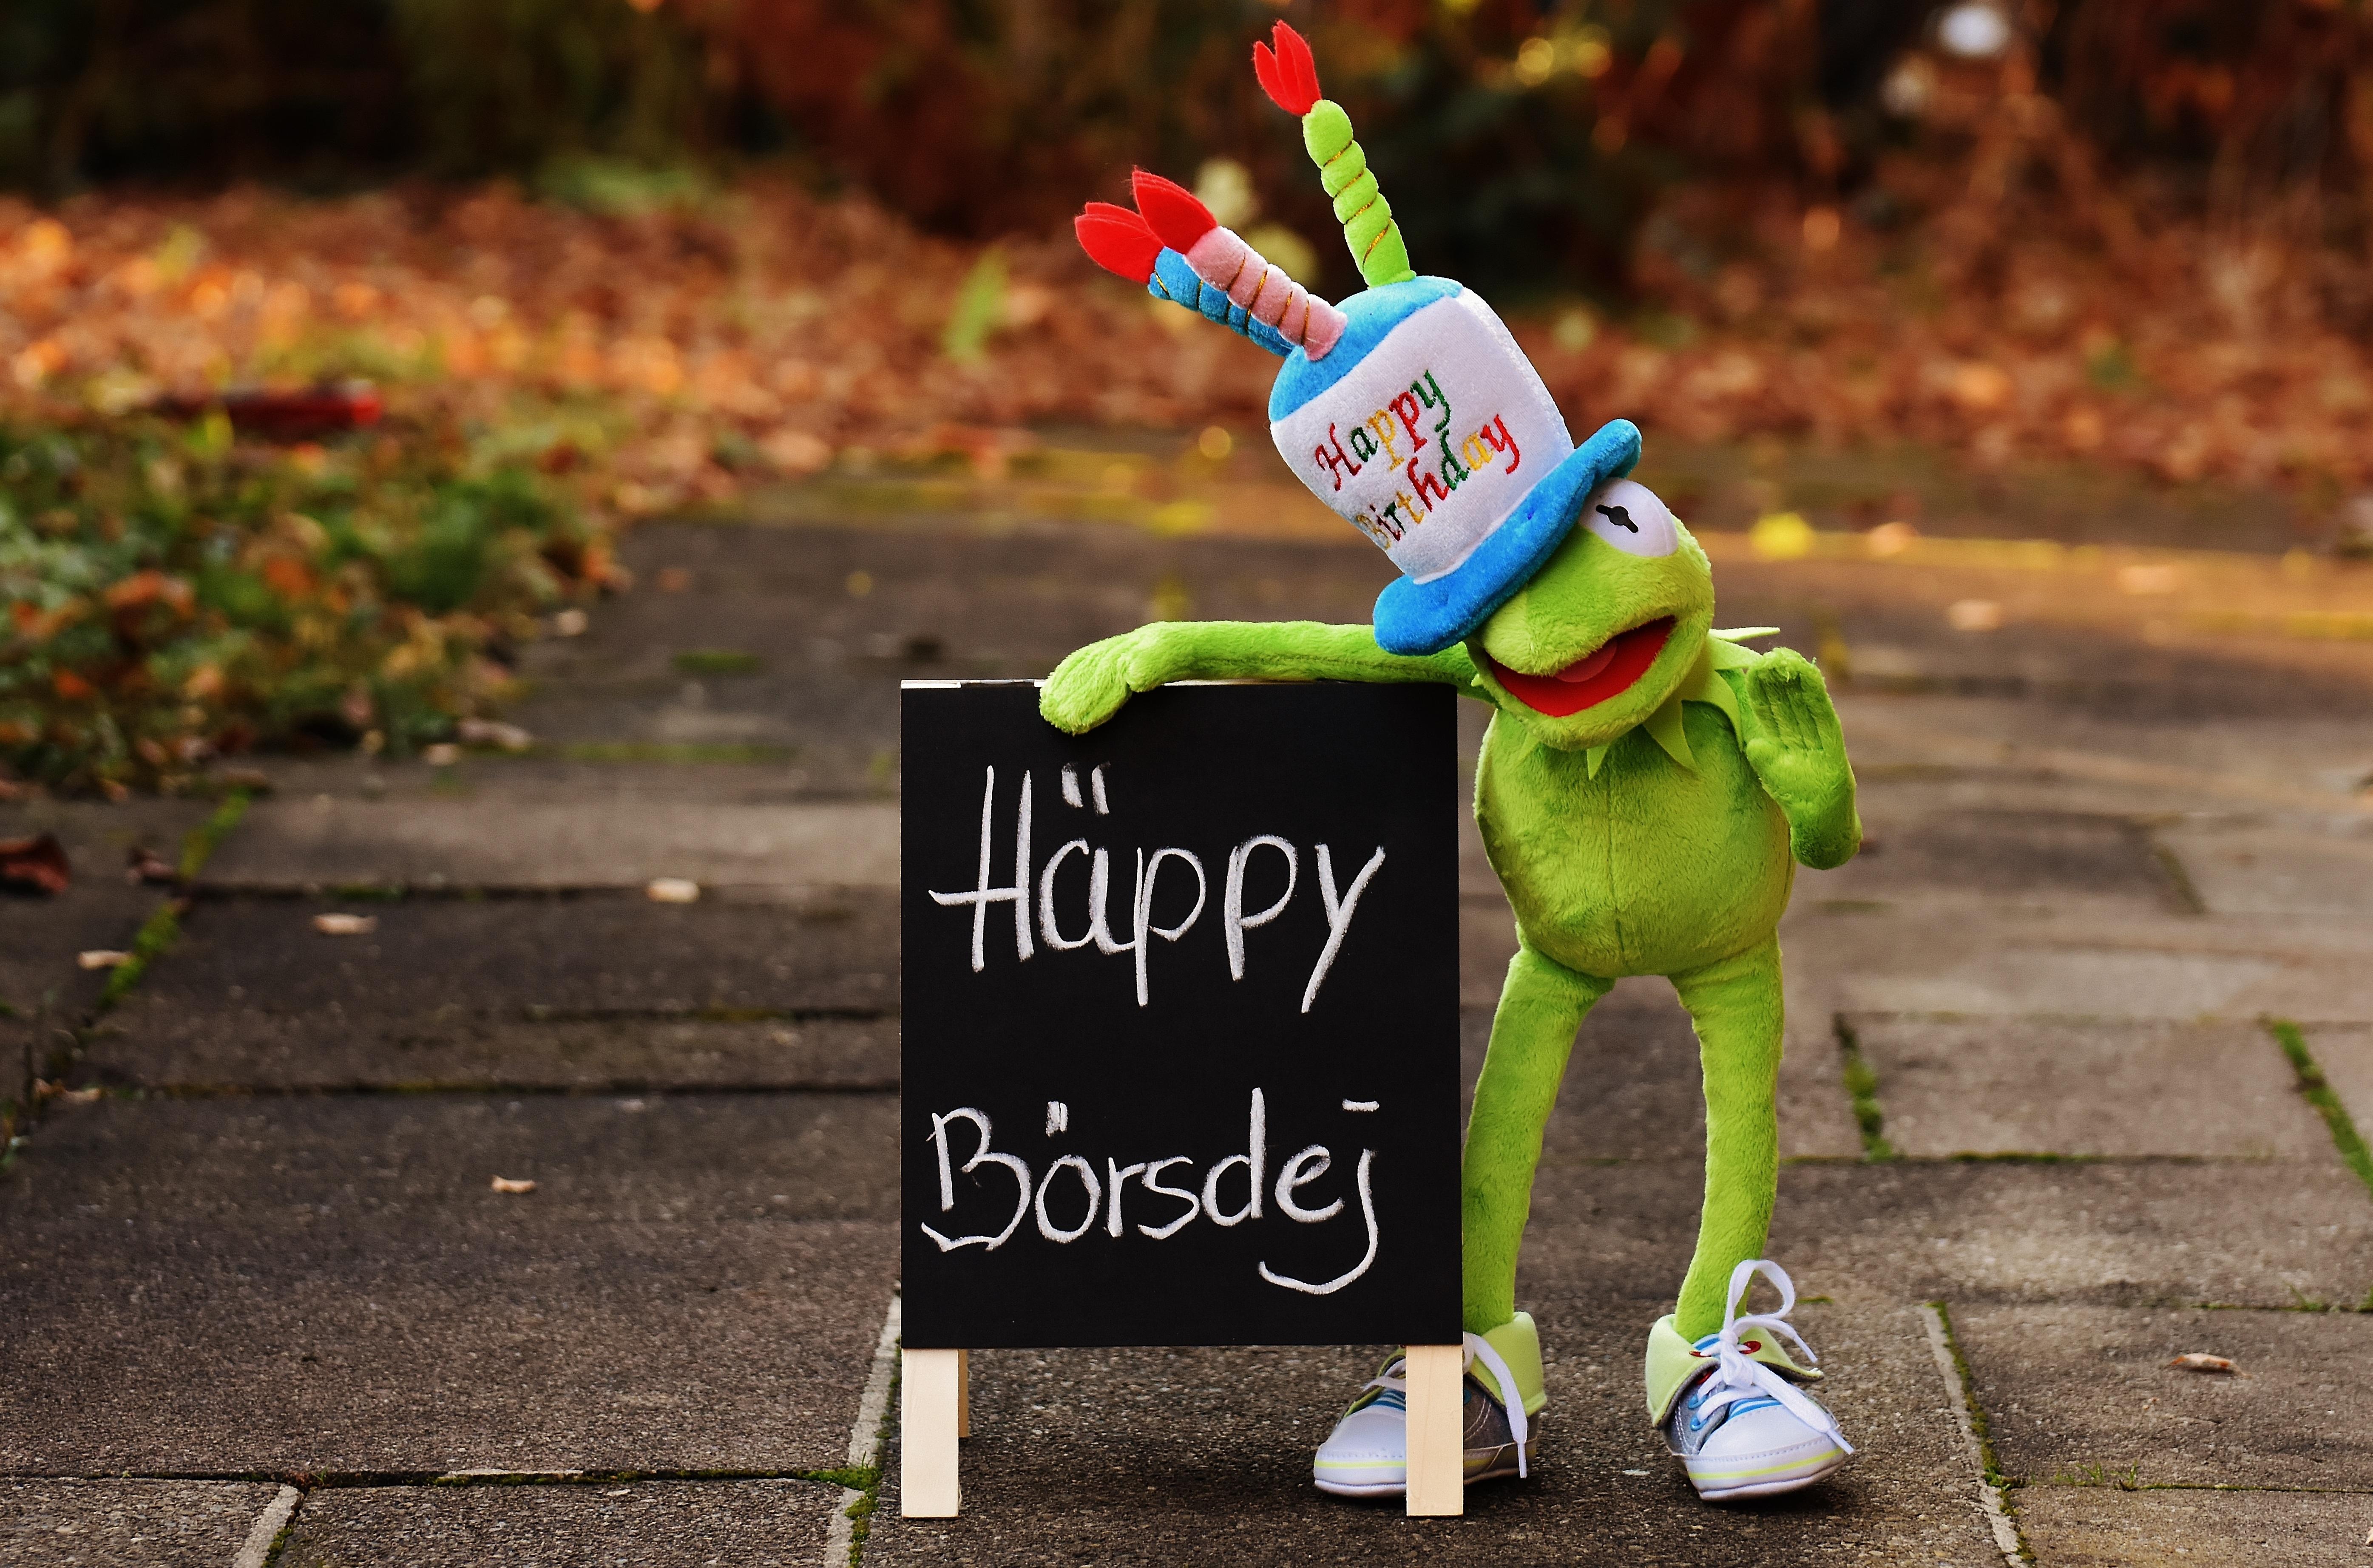 grattis på födelsedagen rolig Bakgrundsbilder : vår, grön, Färg, groda, Grattis på födelsedagen  grattis på födelsedagen rolig